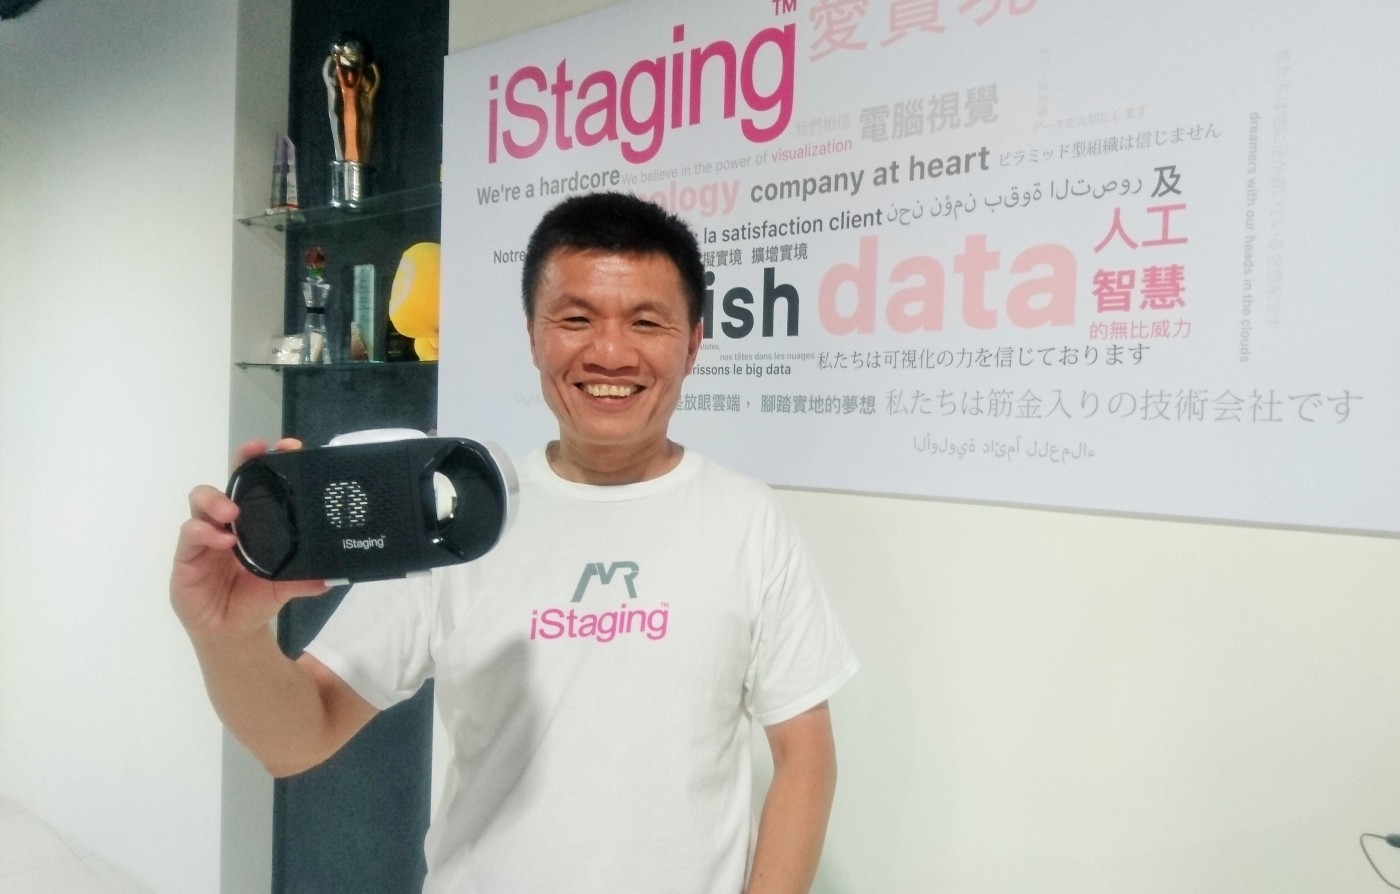 上半年營收跳增3倍,iStaging如何用不到百人團隊滿足逾50國跨產業需求